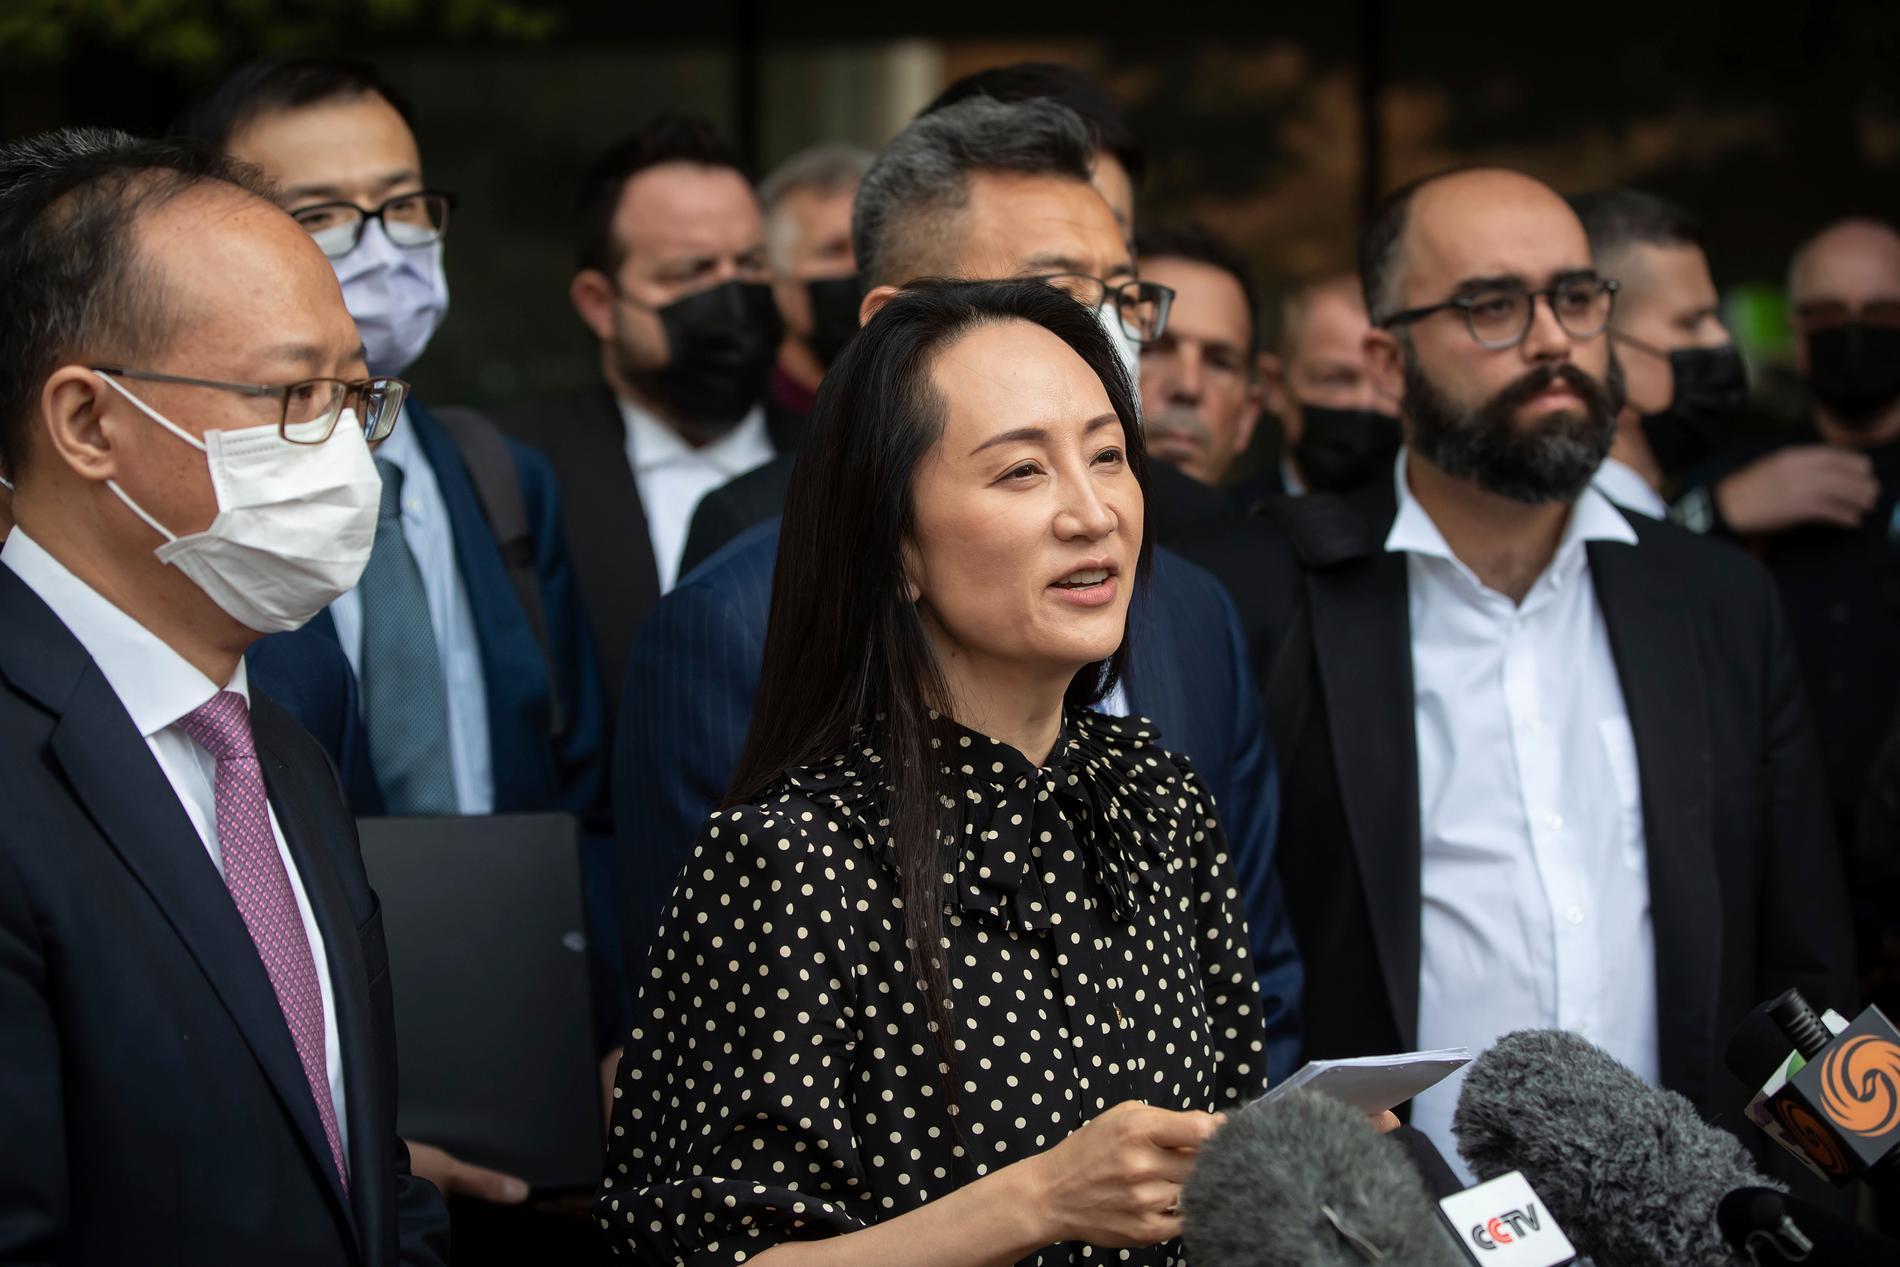 Telekomjätten Huaweis ekonomichef Meng Wanzhou läser upp ett uttalande efter att en domstol i Vancouver släppt henne fri.